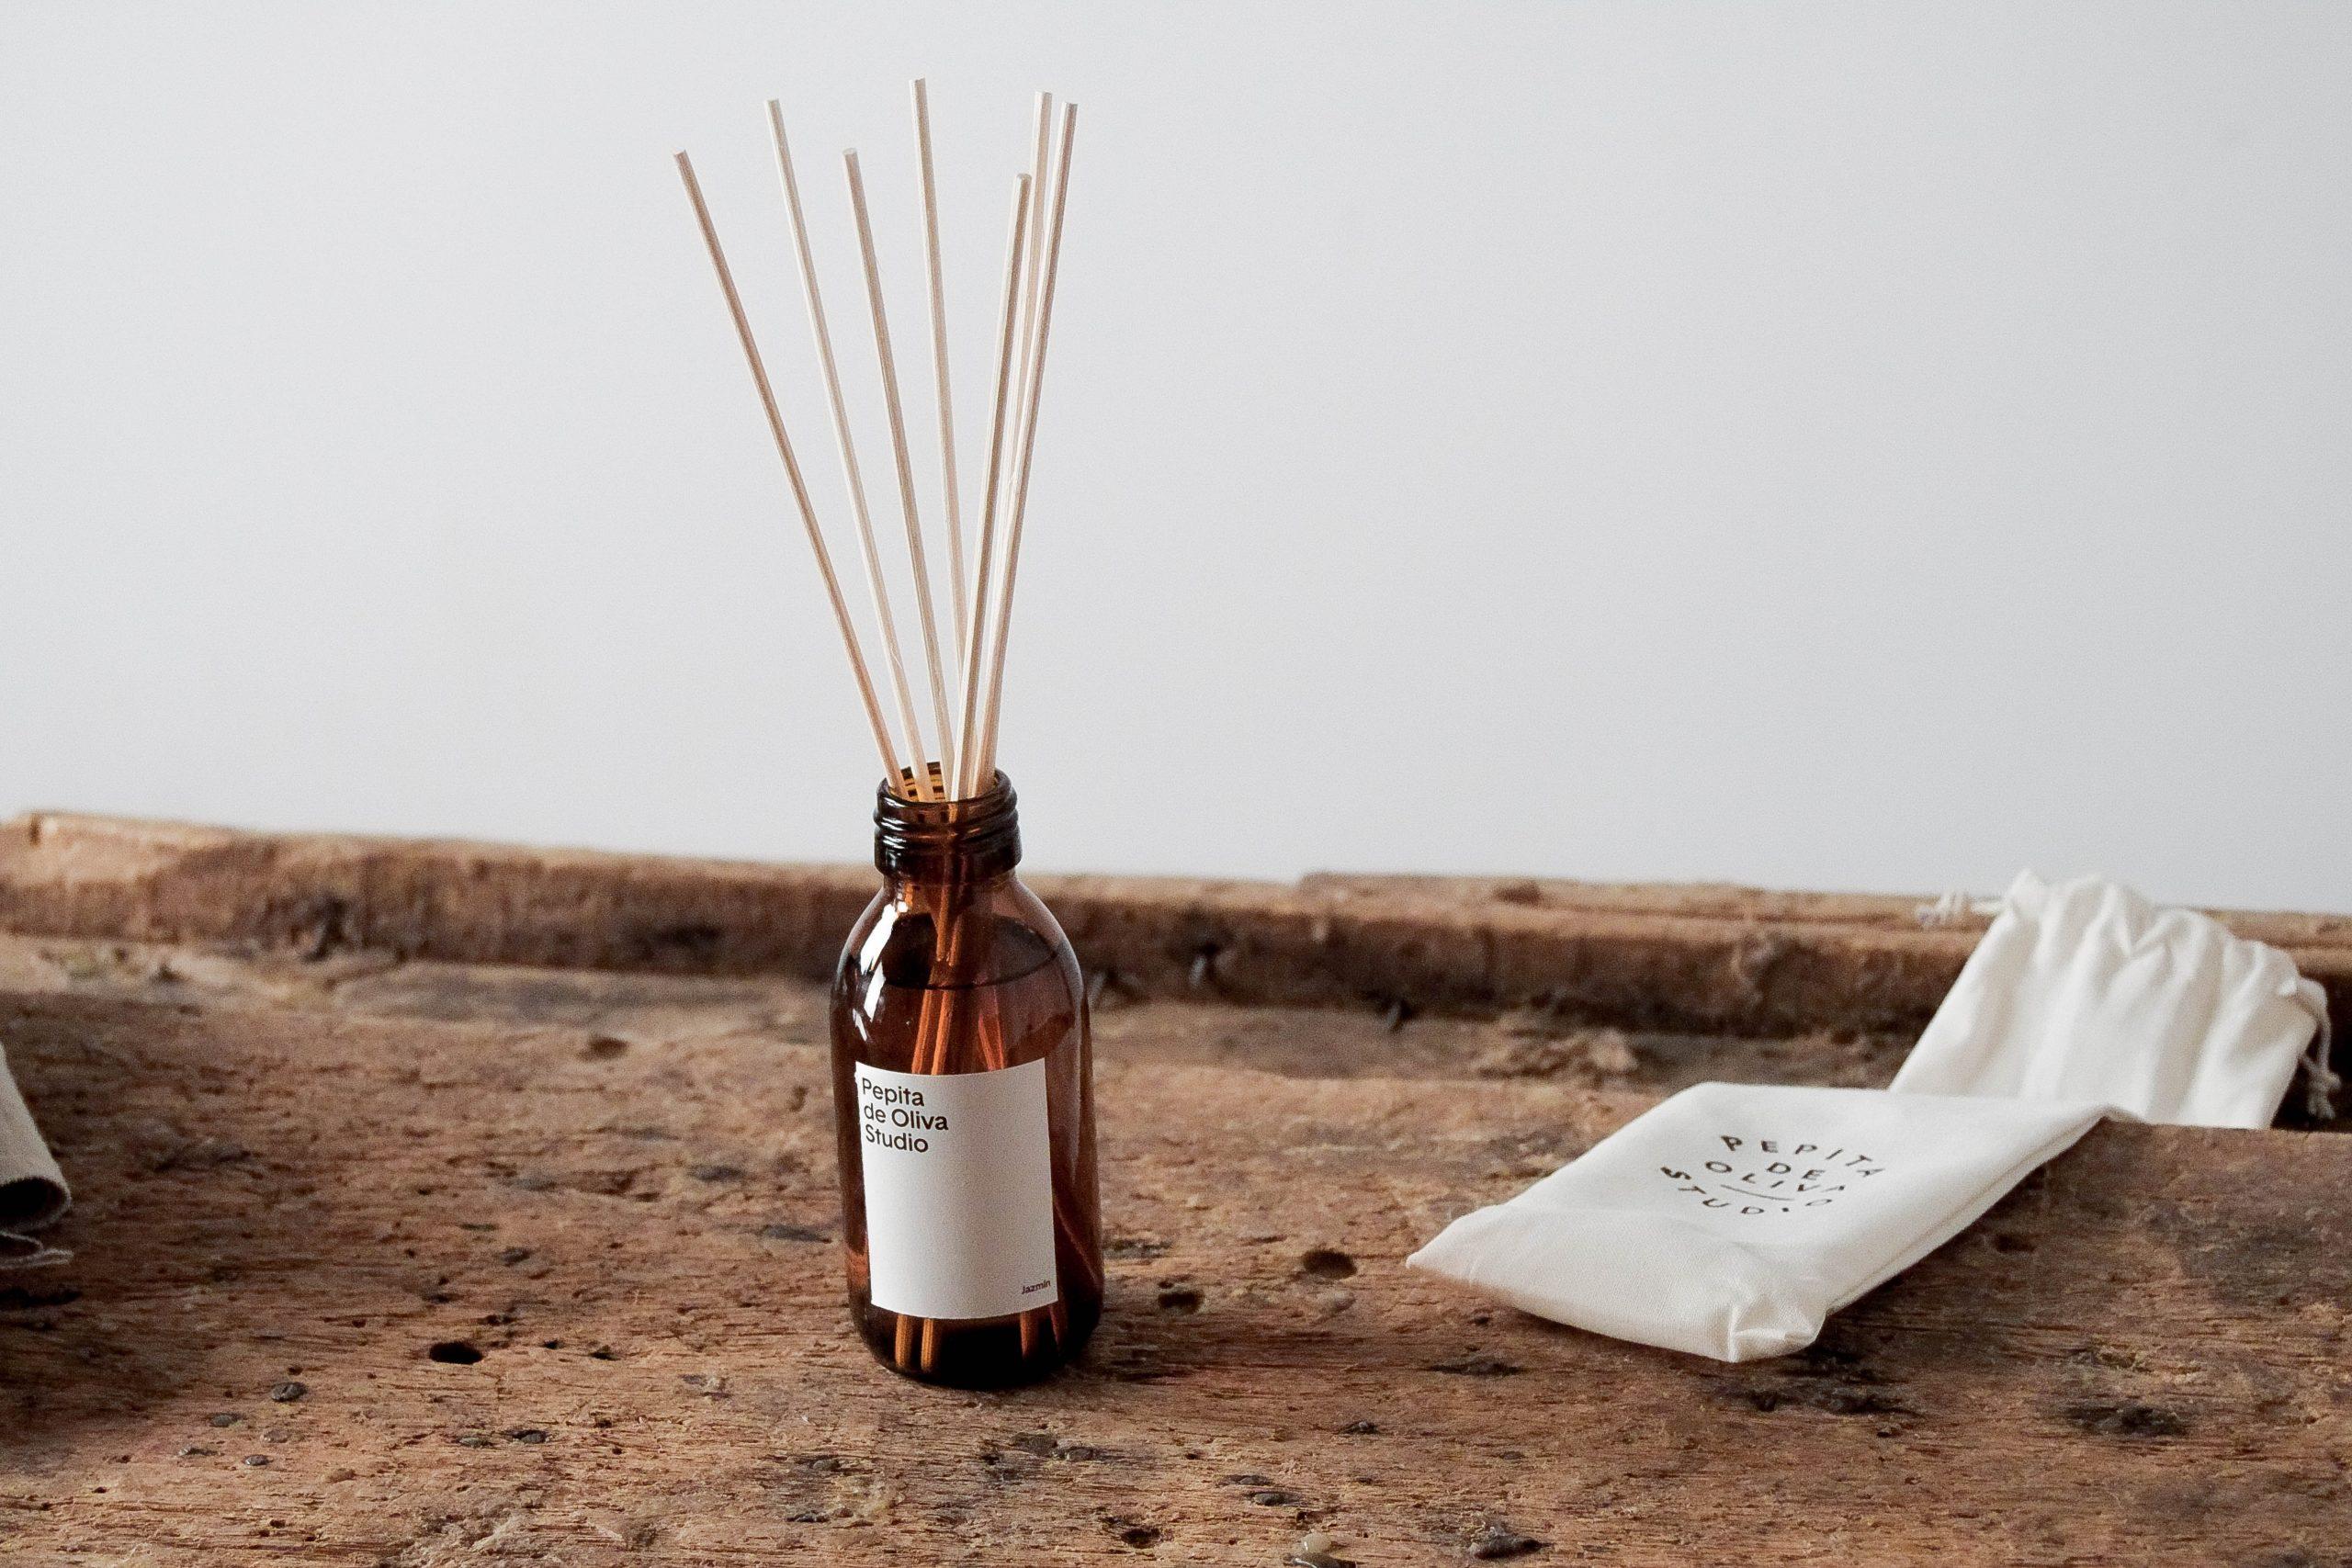 ambientador de jazmin mikados de calidad perfume